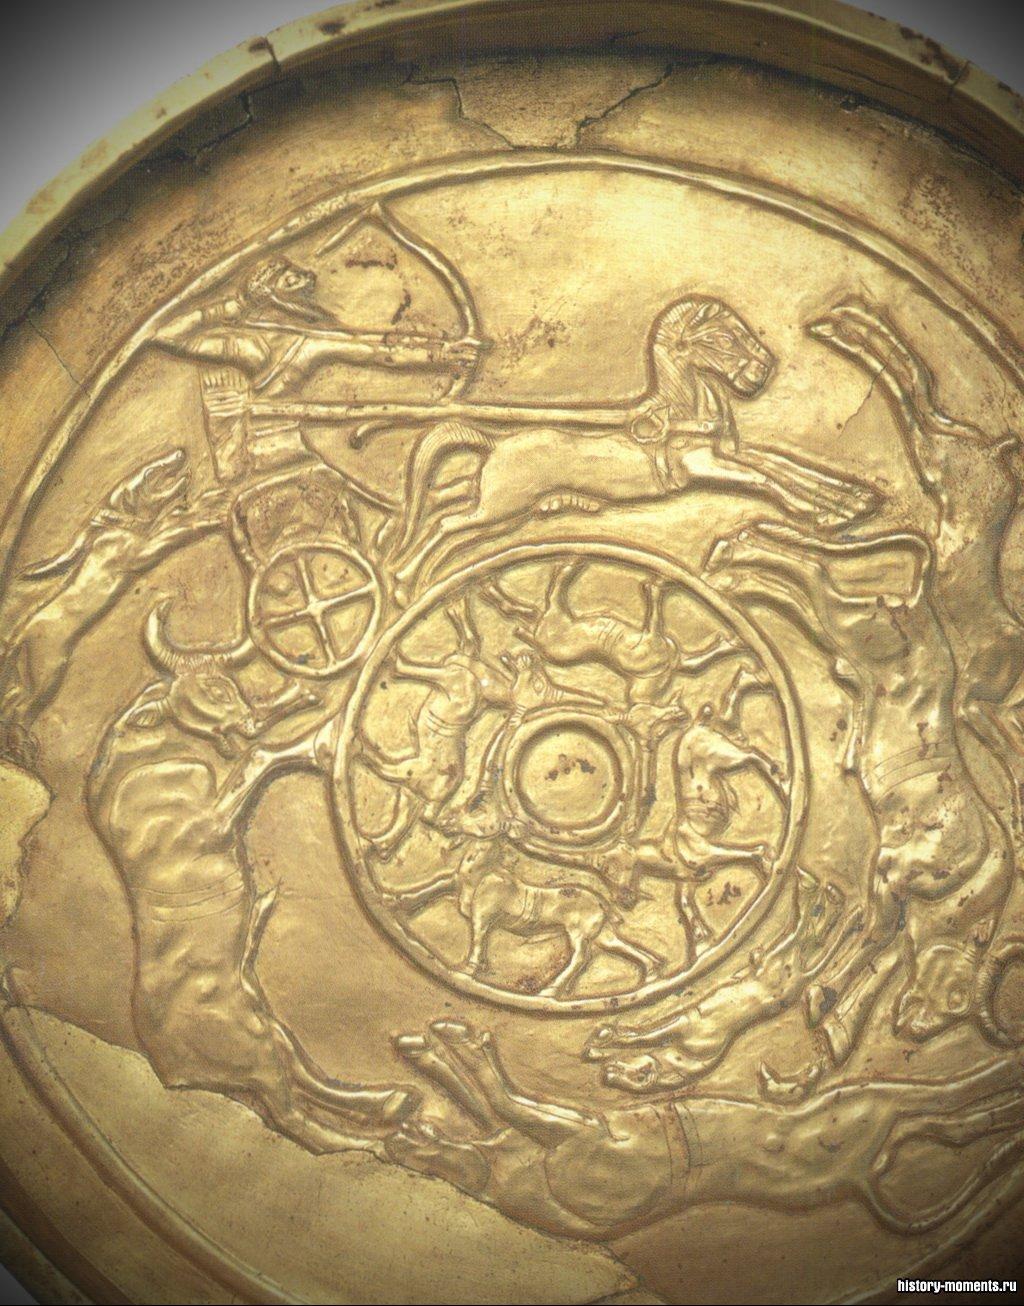 Золотое блюдо из Угарита с изображением сцены охоты.